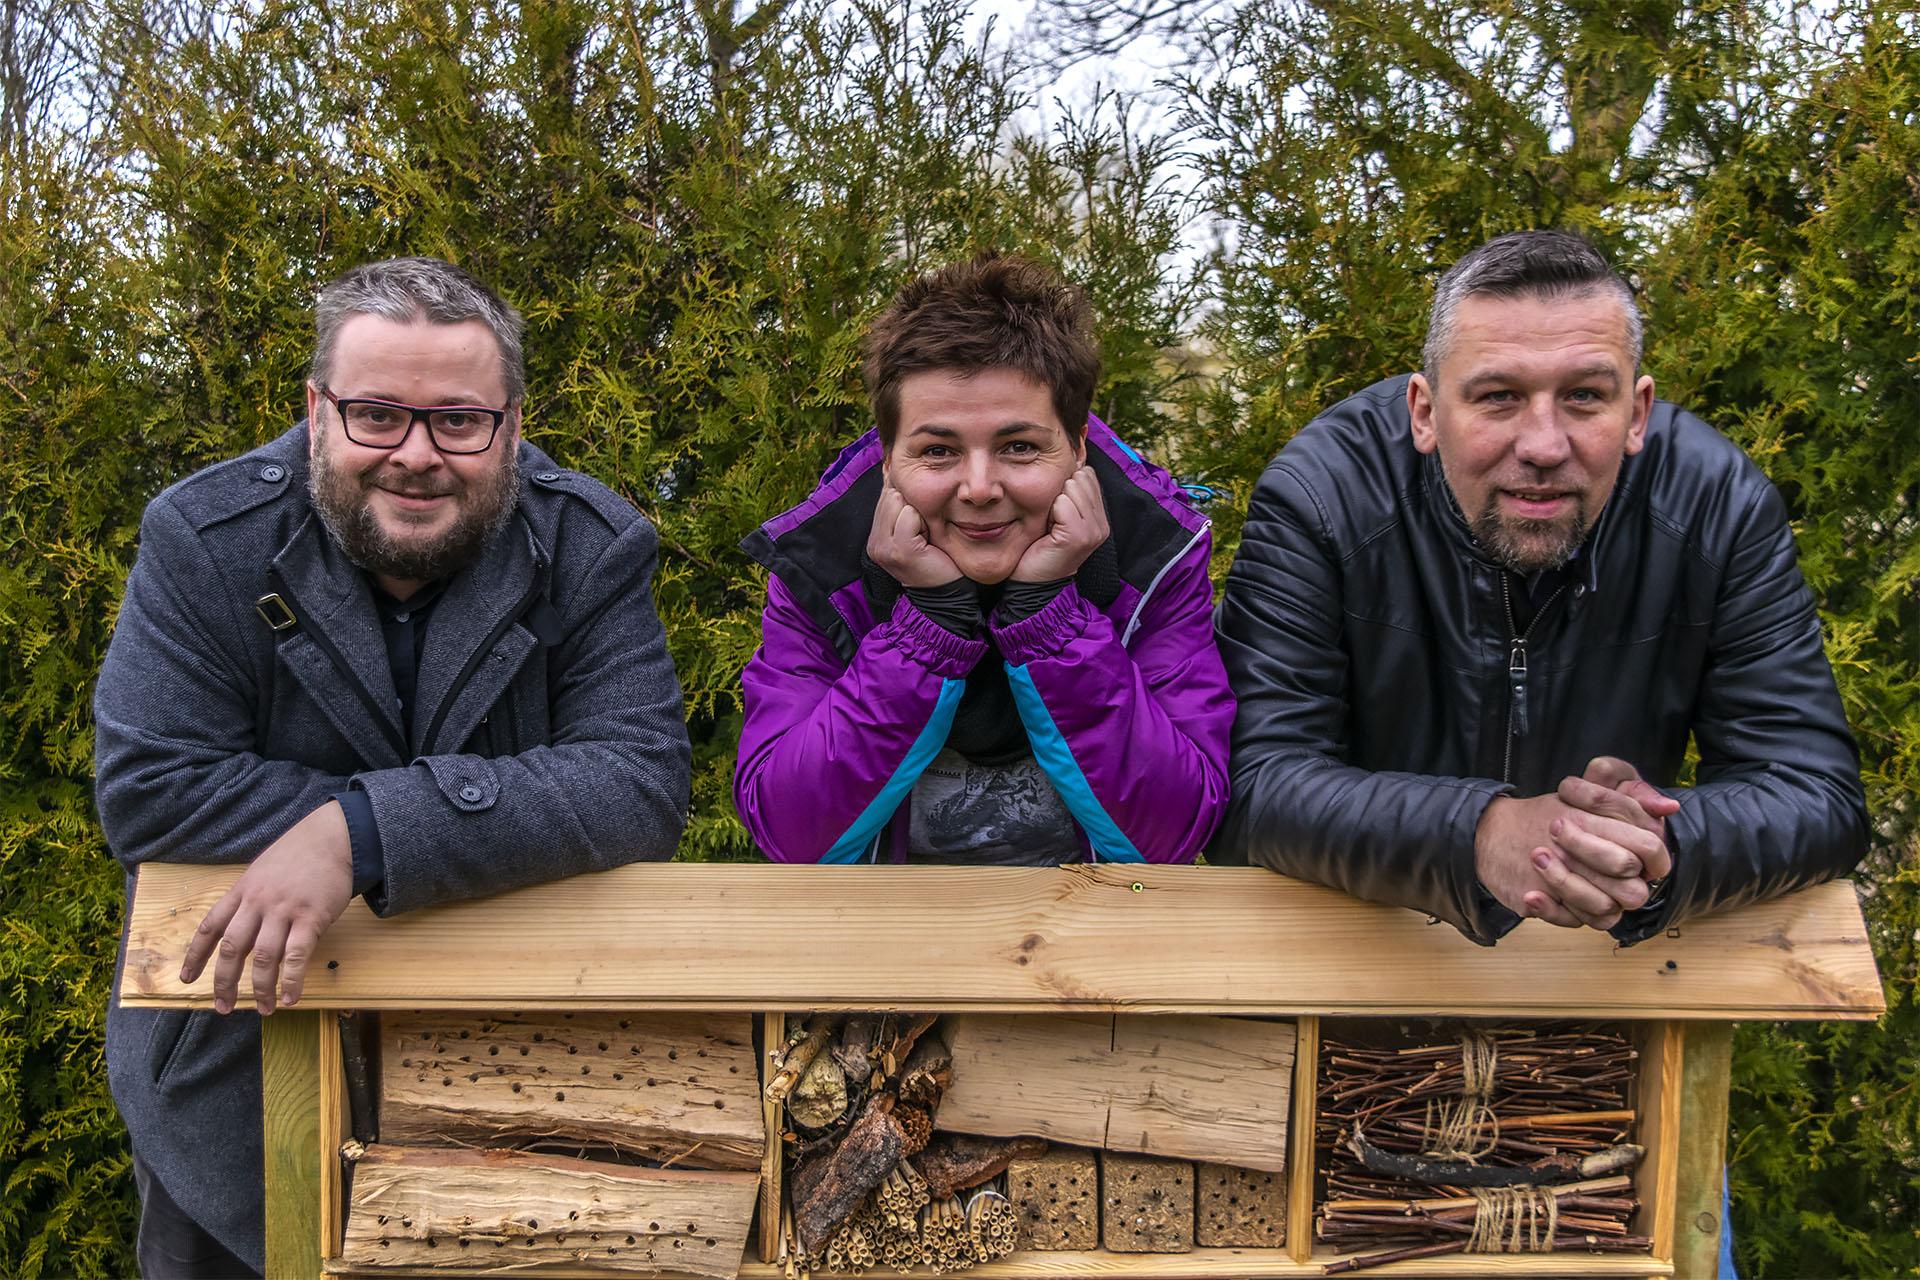 Ludzie stojący za Fundacją Pszczoła. Od lewej: Krzysztof Rauhut, Bożena Wola, Tomasz Wola. Na zdjęciu brakuje Honoraty Rauhut. Fot. Marcin Maziarz